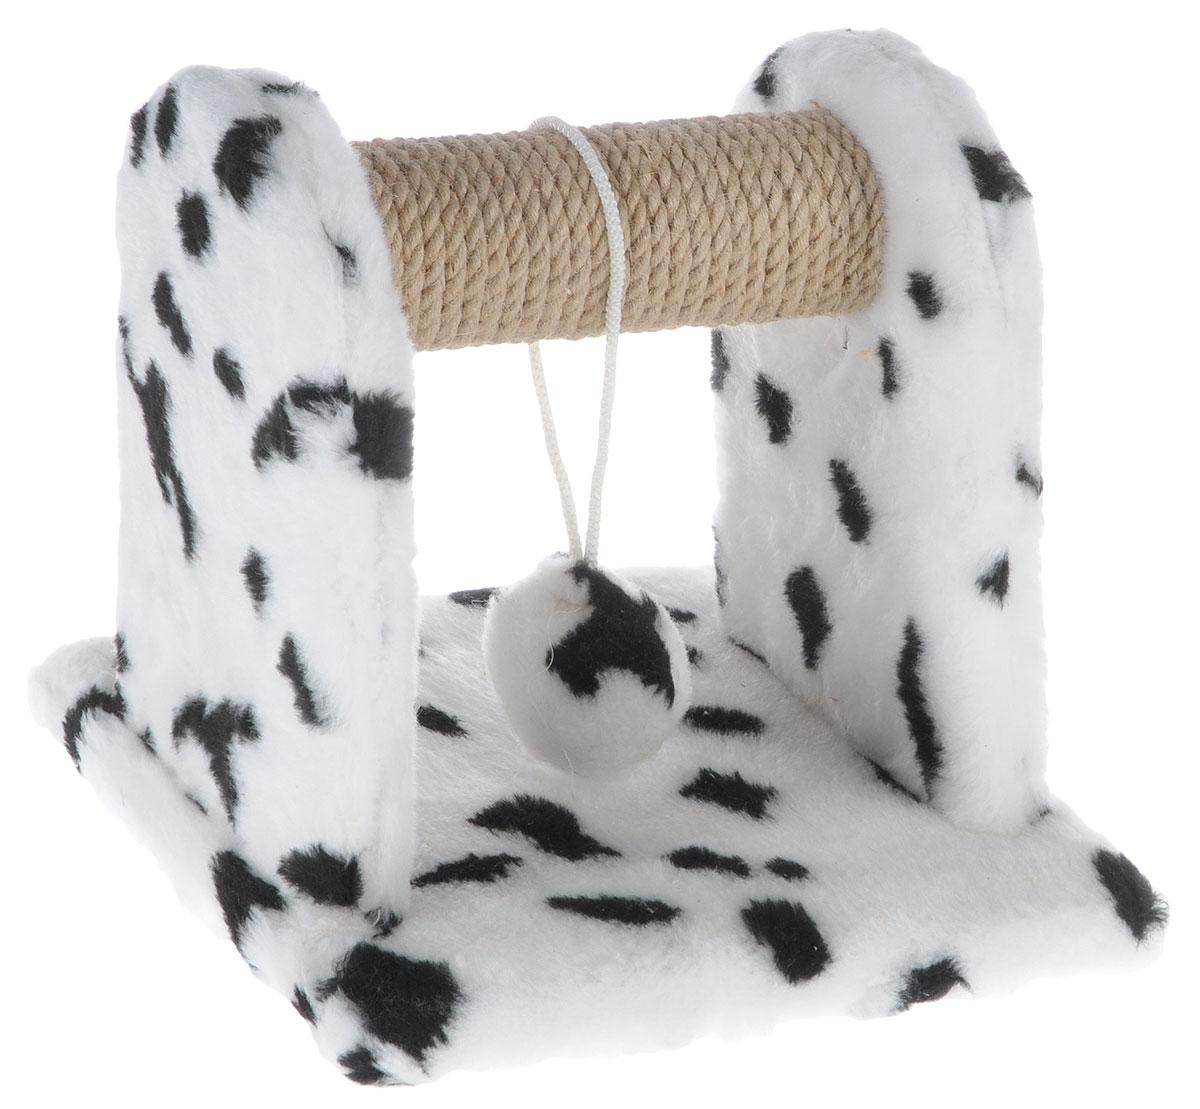 Когтеточка для котят Меридиан Далматин, с игрушкой, 26 х 26 х 26 смК701ДКогтеточка Меридиан Далматин предназначена для стачивания когтей вашего котенка. Изделие выполнено из ДВП и ДСП, обтянуто искусственным мехом с принтом под далматинца. Круглая планка изготовлена из джута. Изделие снабжено подвесной игрушкой. Такая когтеточка позволит сохранить неповрежденными мебель и другие предметы интерьера.